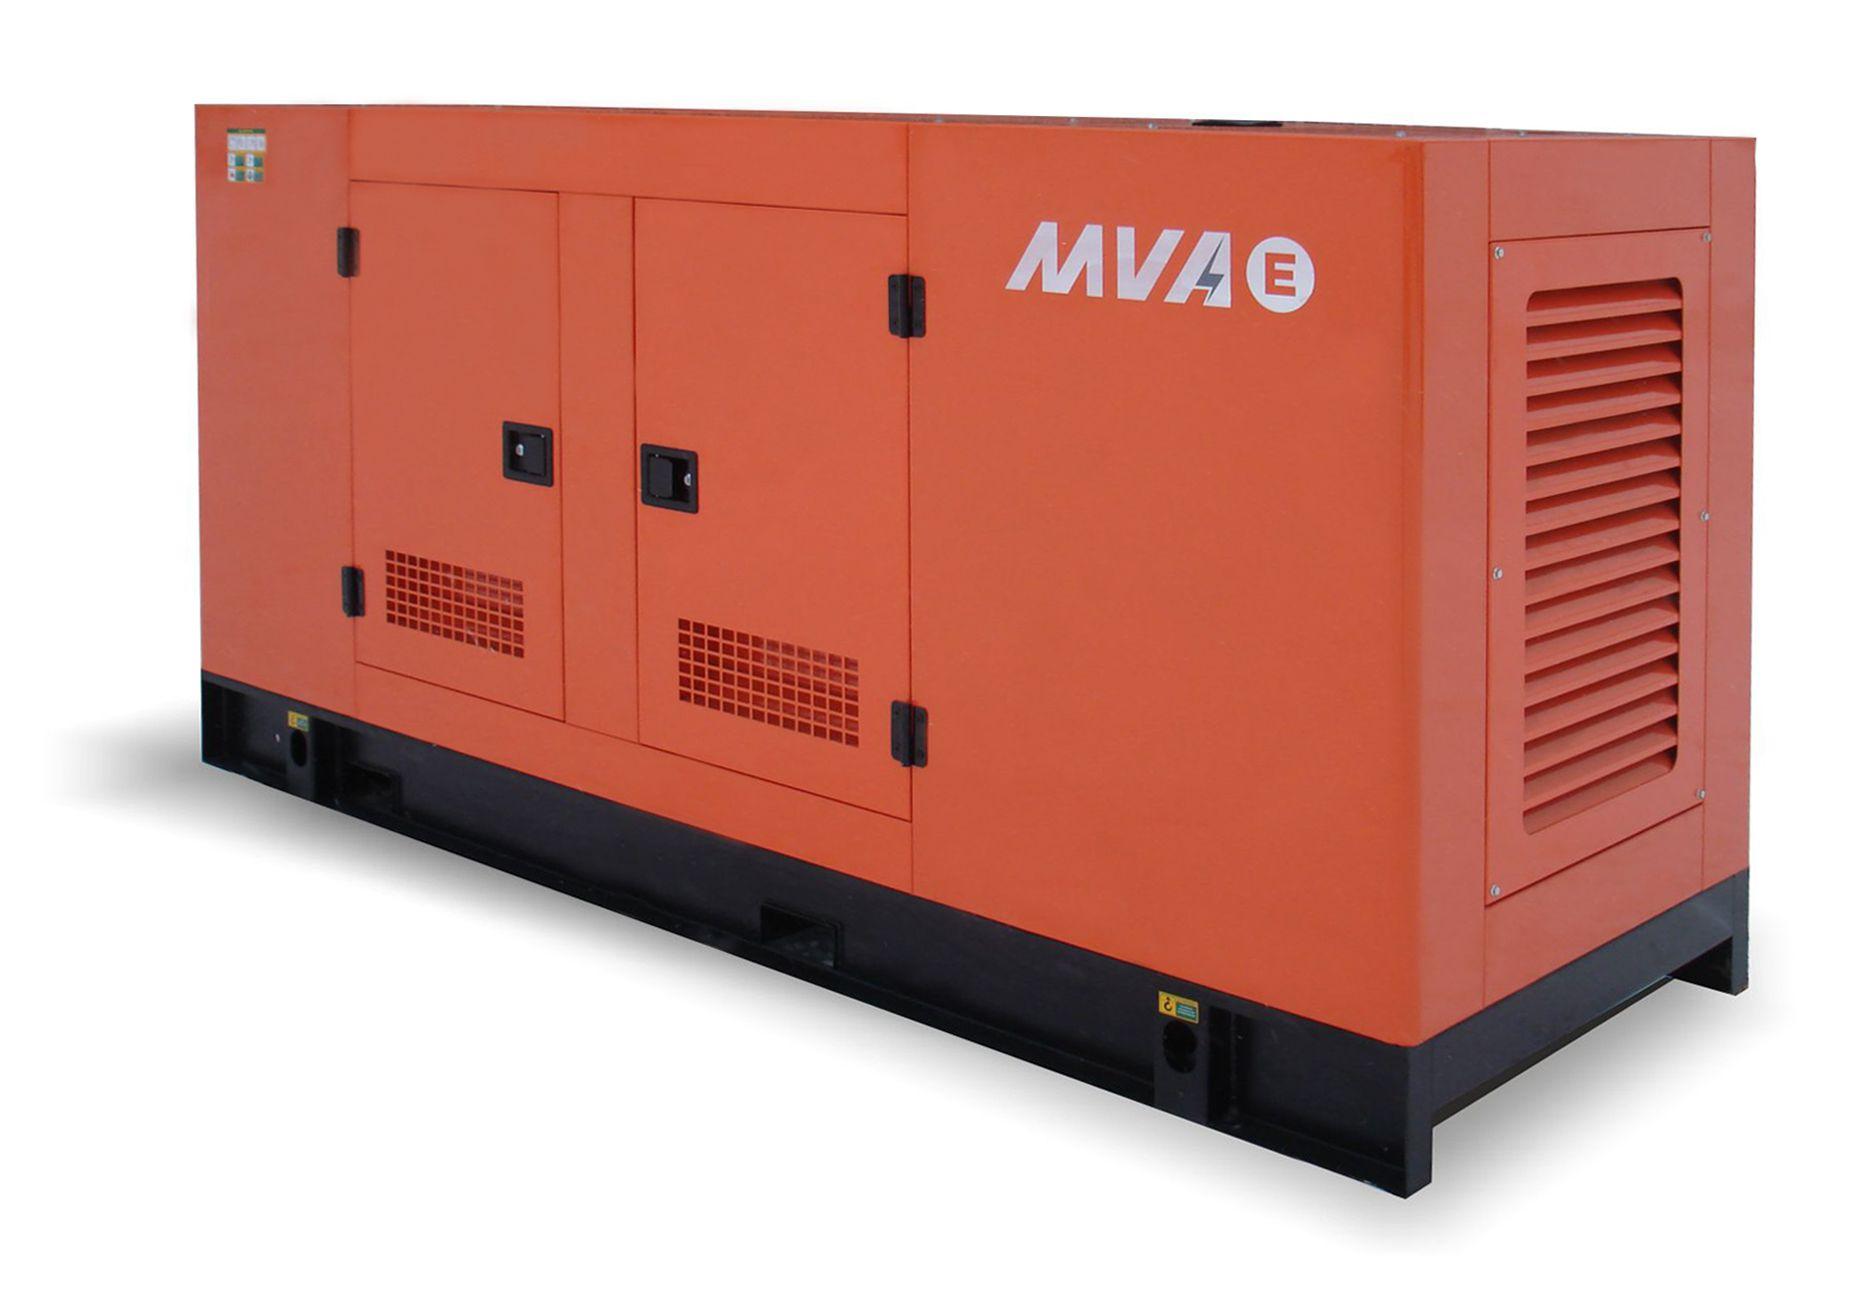 Внешний вид MVAE АД-240-400-РК в кожухе